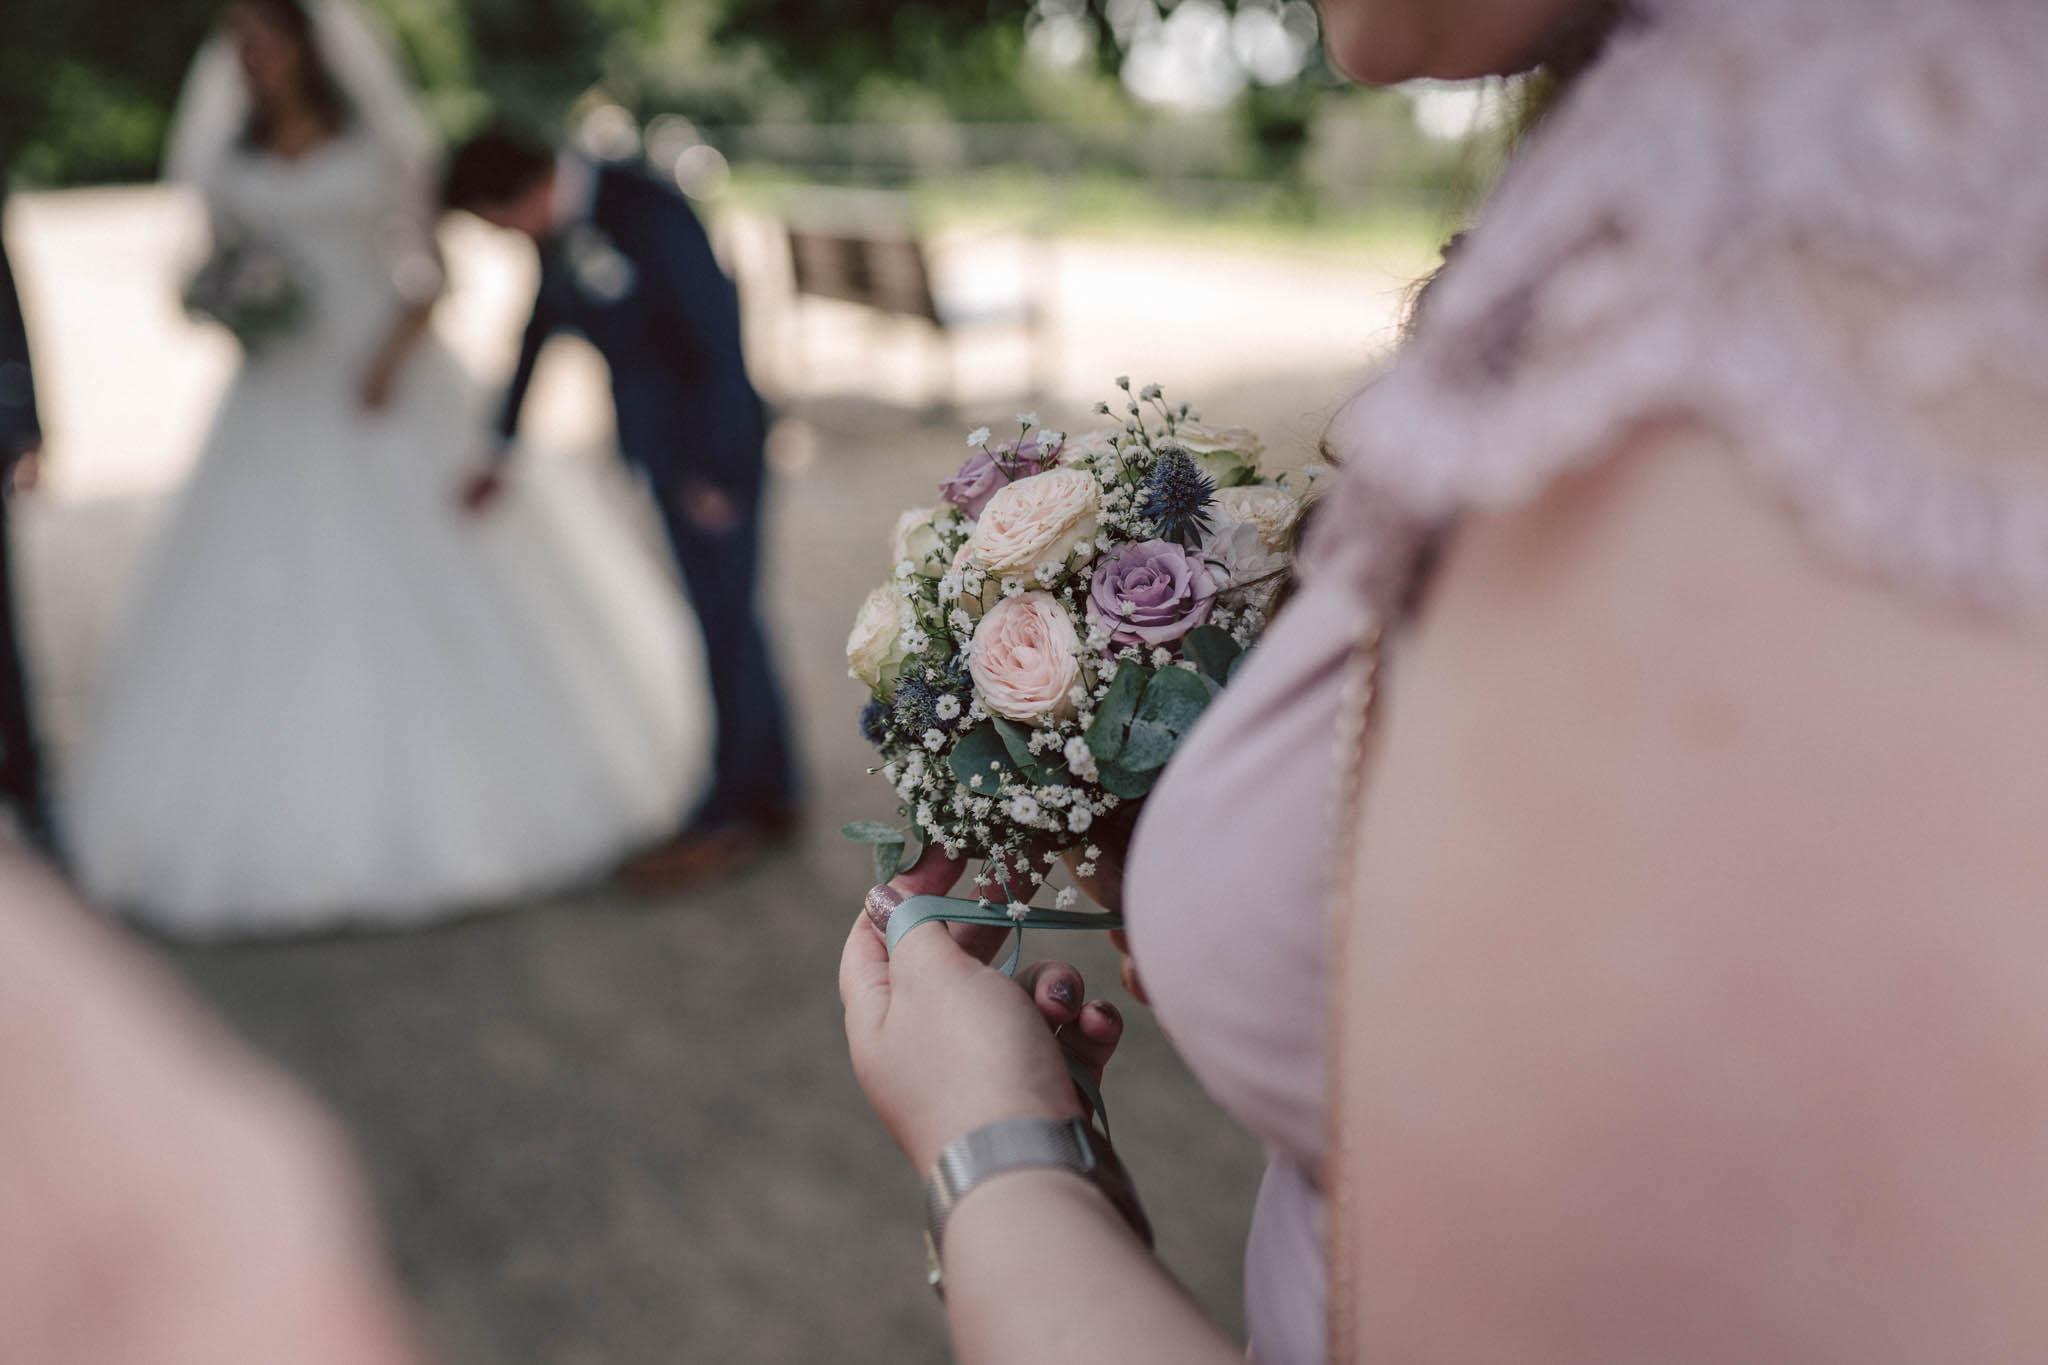 Hochzeitsfieber by Photo-Schomburg, Hochzeitsfotograf, Hamburg, Altona, wedding, Standesamt Altona, Appen, Hochzeitsshooting, Hochzeitstag, Brautpaar-61